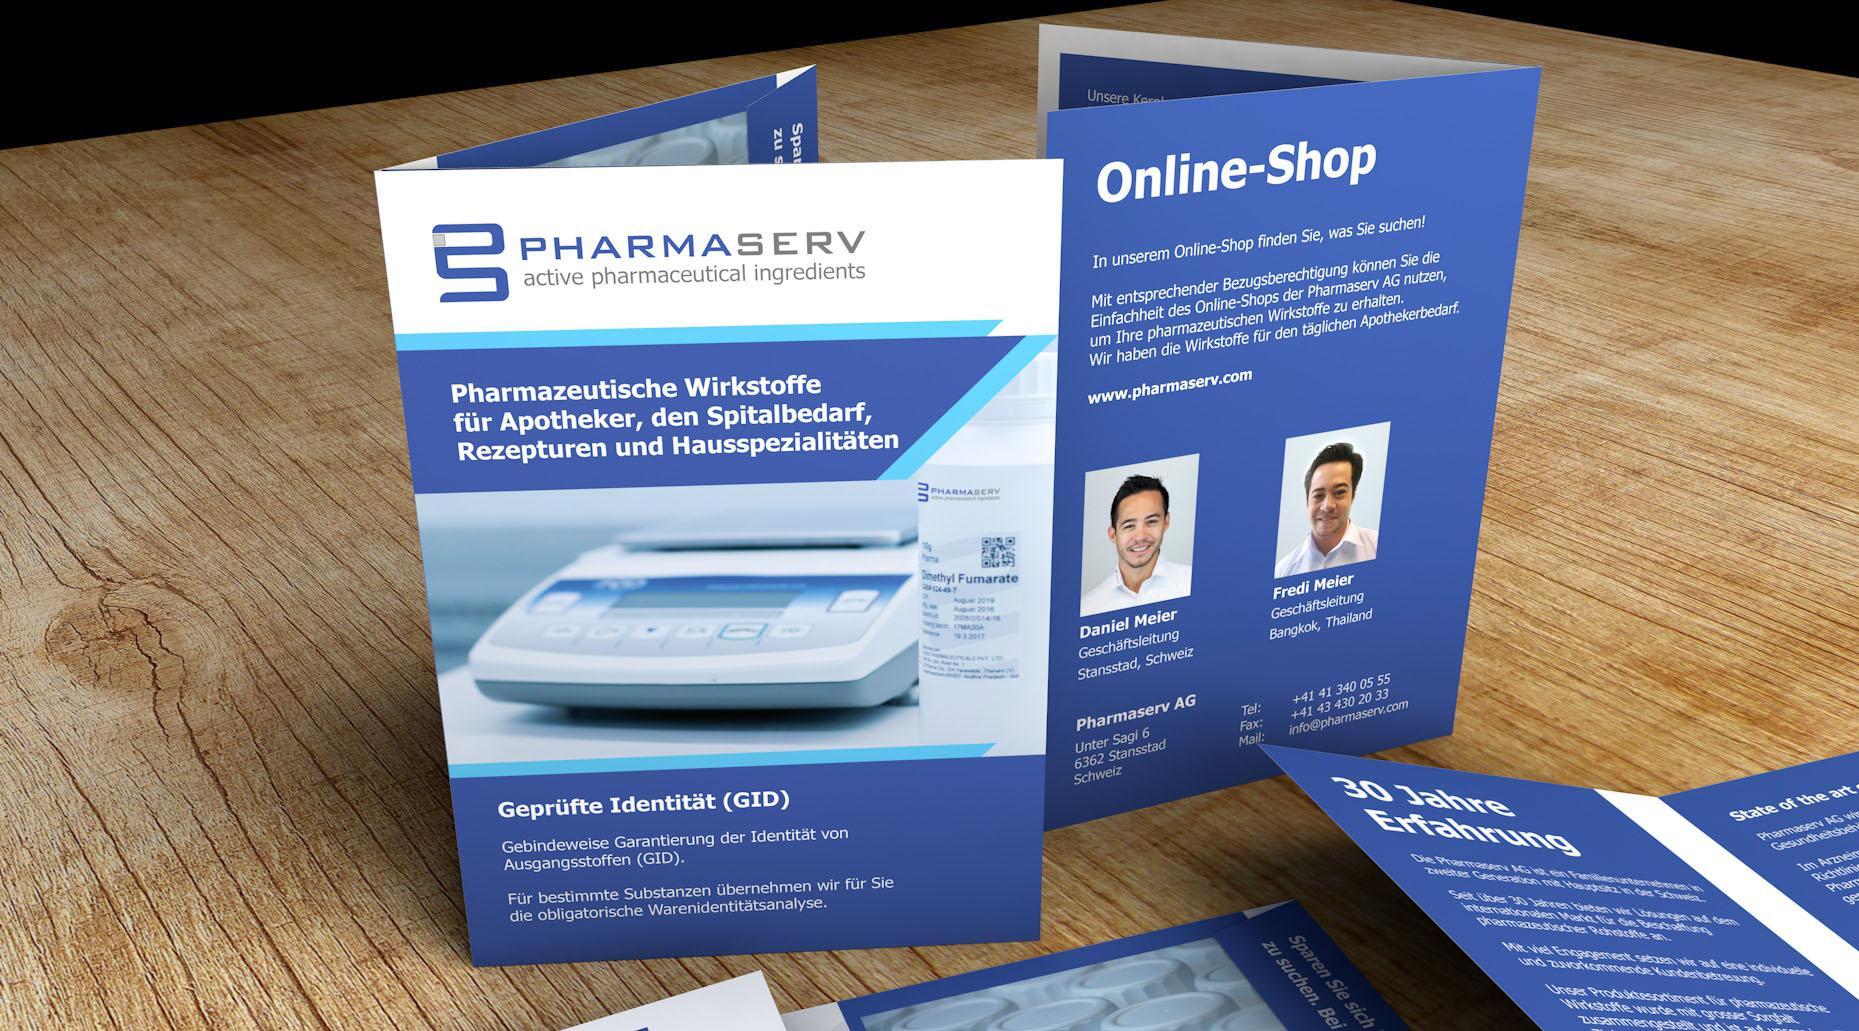 Pharmaserv AG